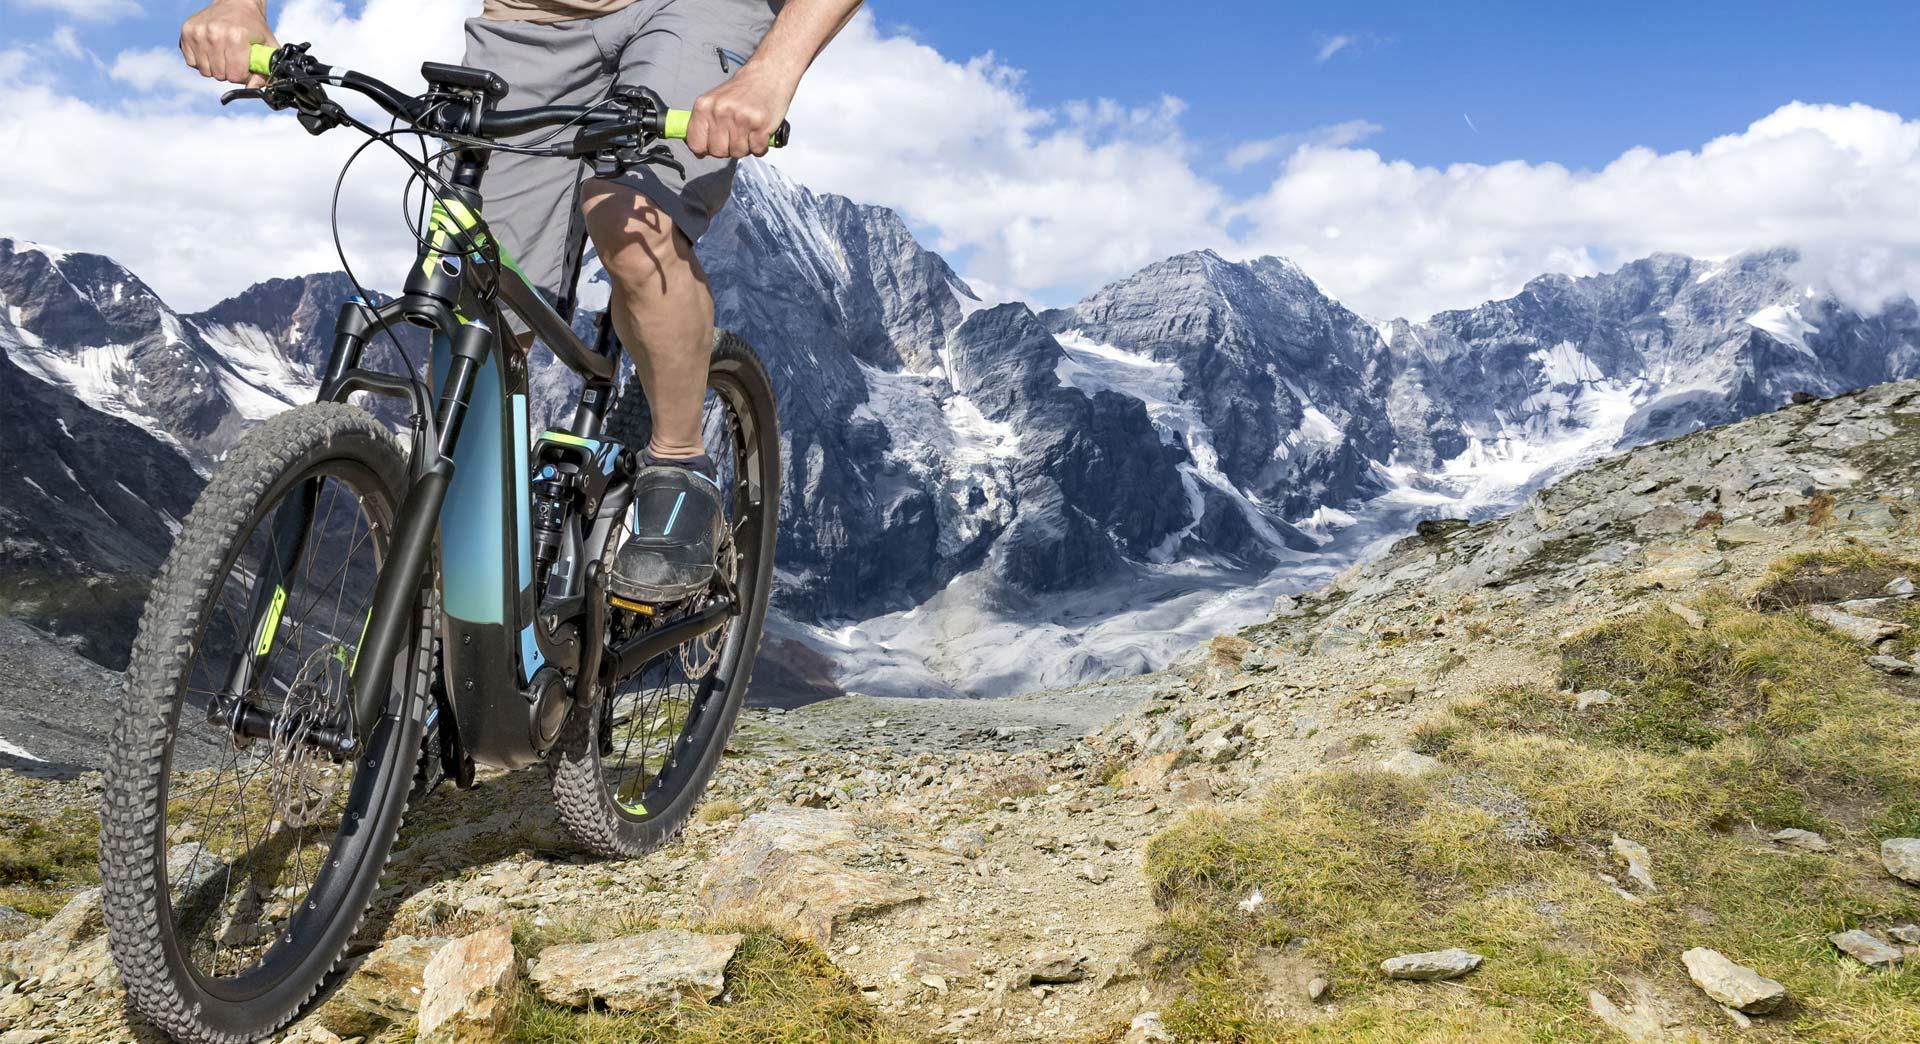 Ciclista sulle montagne del passo Tonale